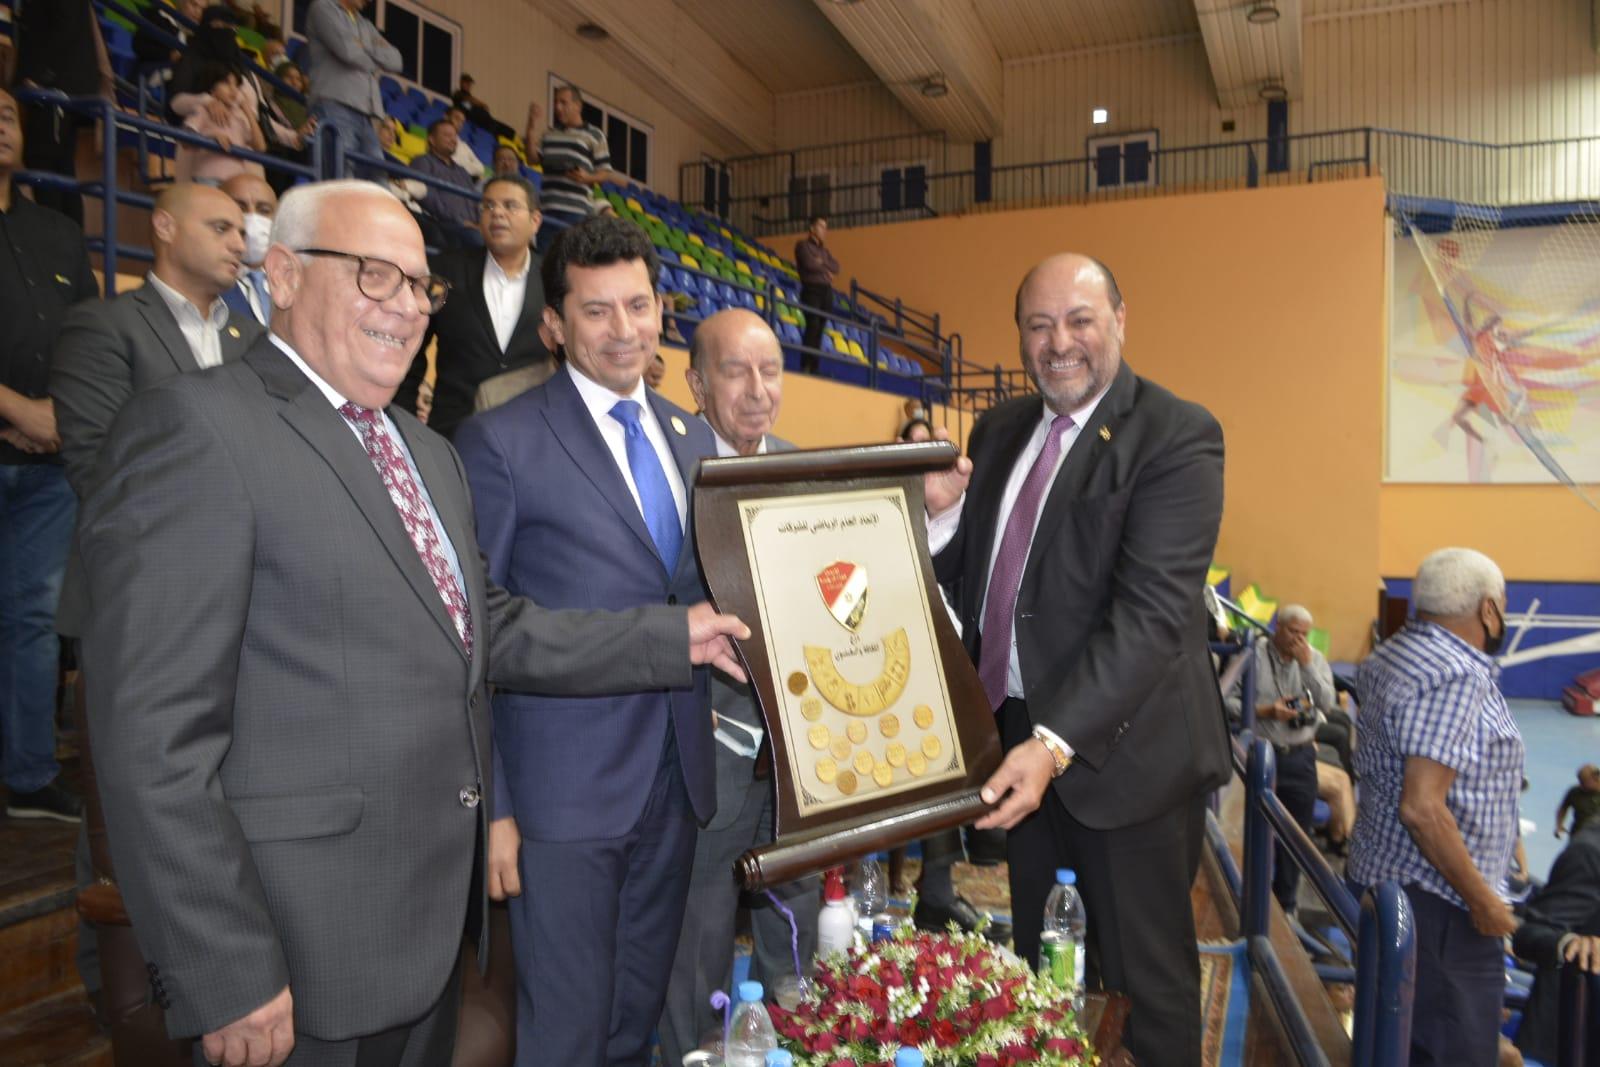 للعام التاسع عشر على التوالي  الشركة الشرقية ايسترن كومبانى تفوز ببطولة أوليمبياد الشركات في دورتها الـ ٥٤ بمدينة بورسعيد